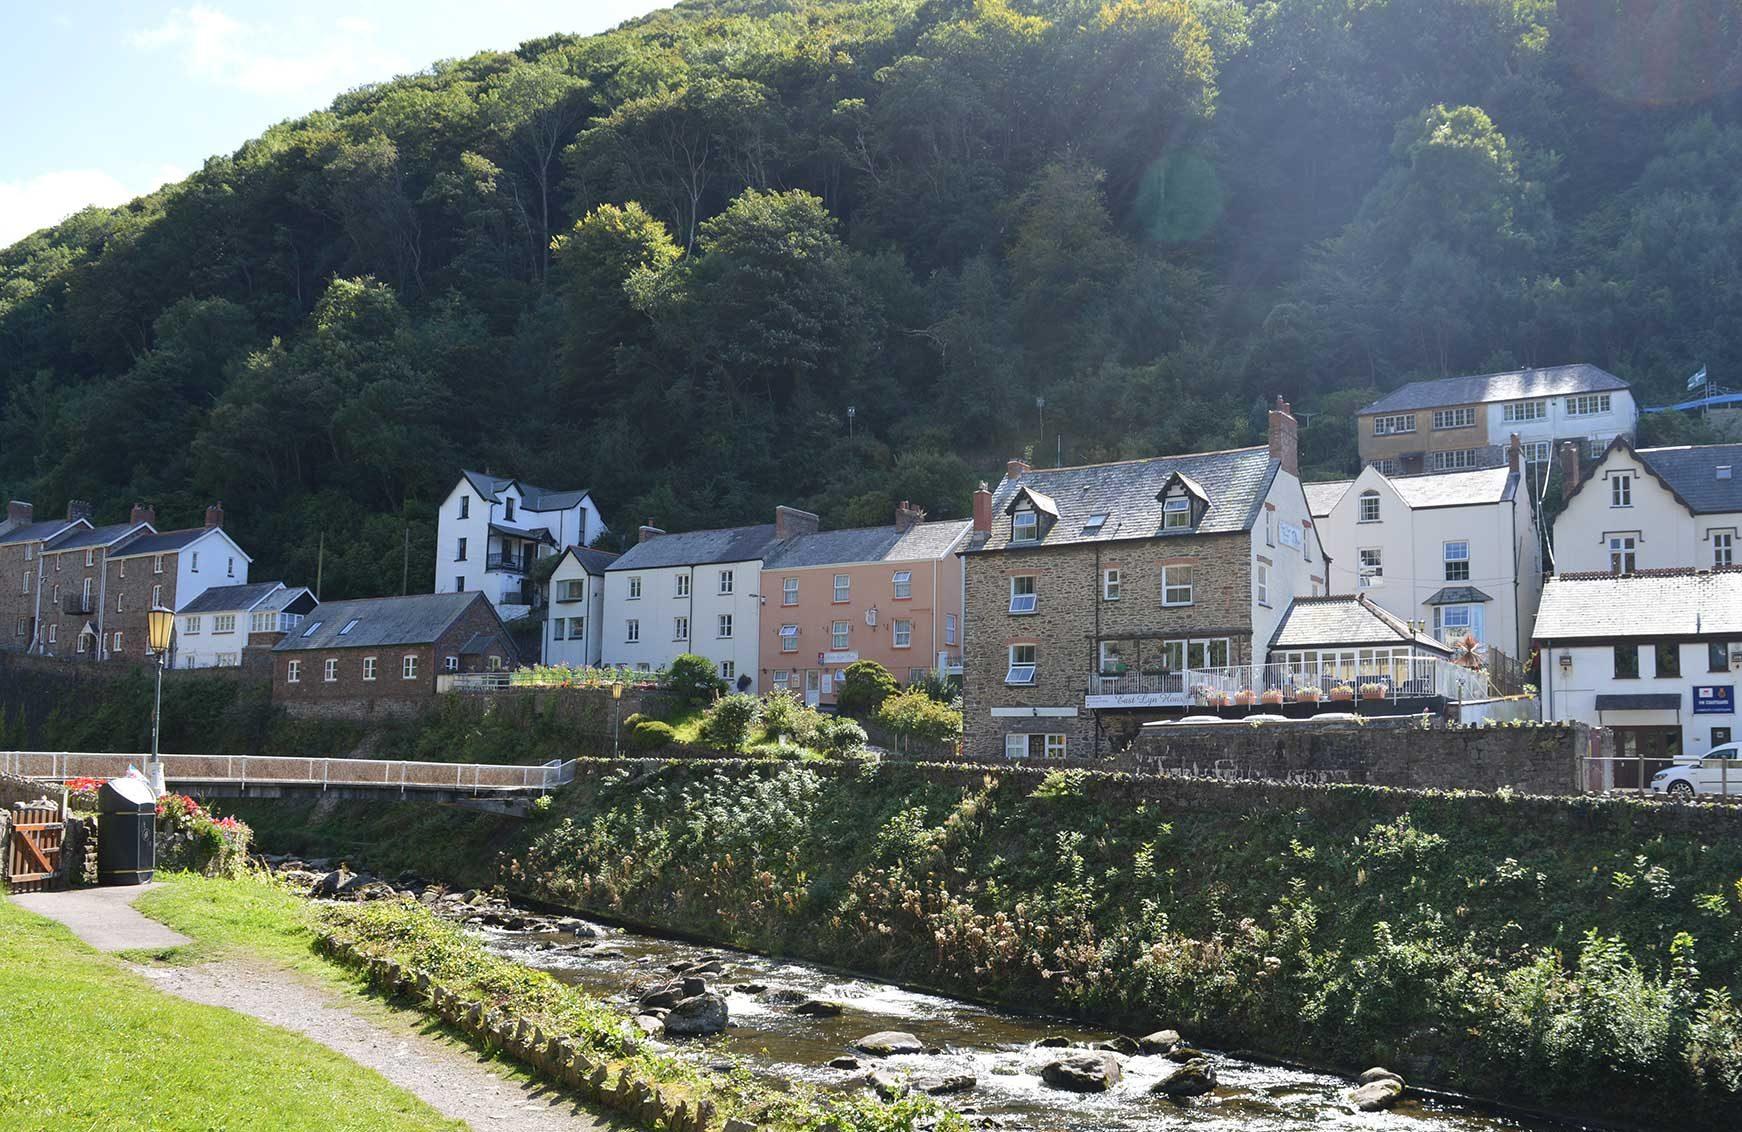 East Lyn House Bed & Breakfast, Lynmouth, Devon